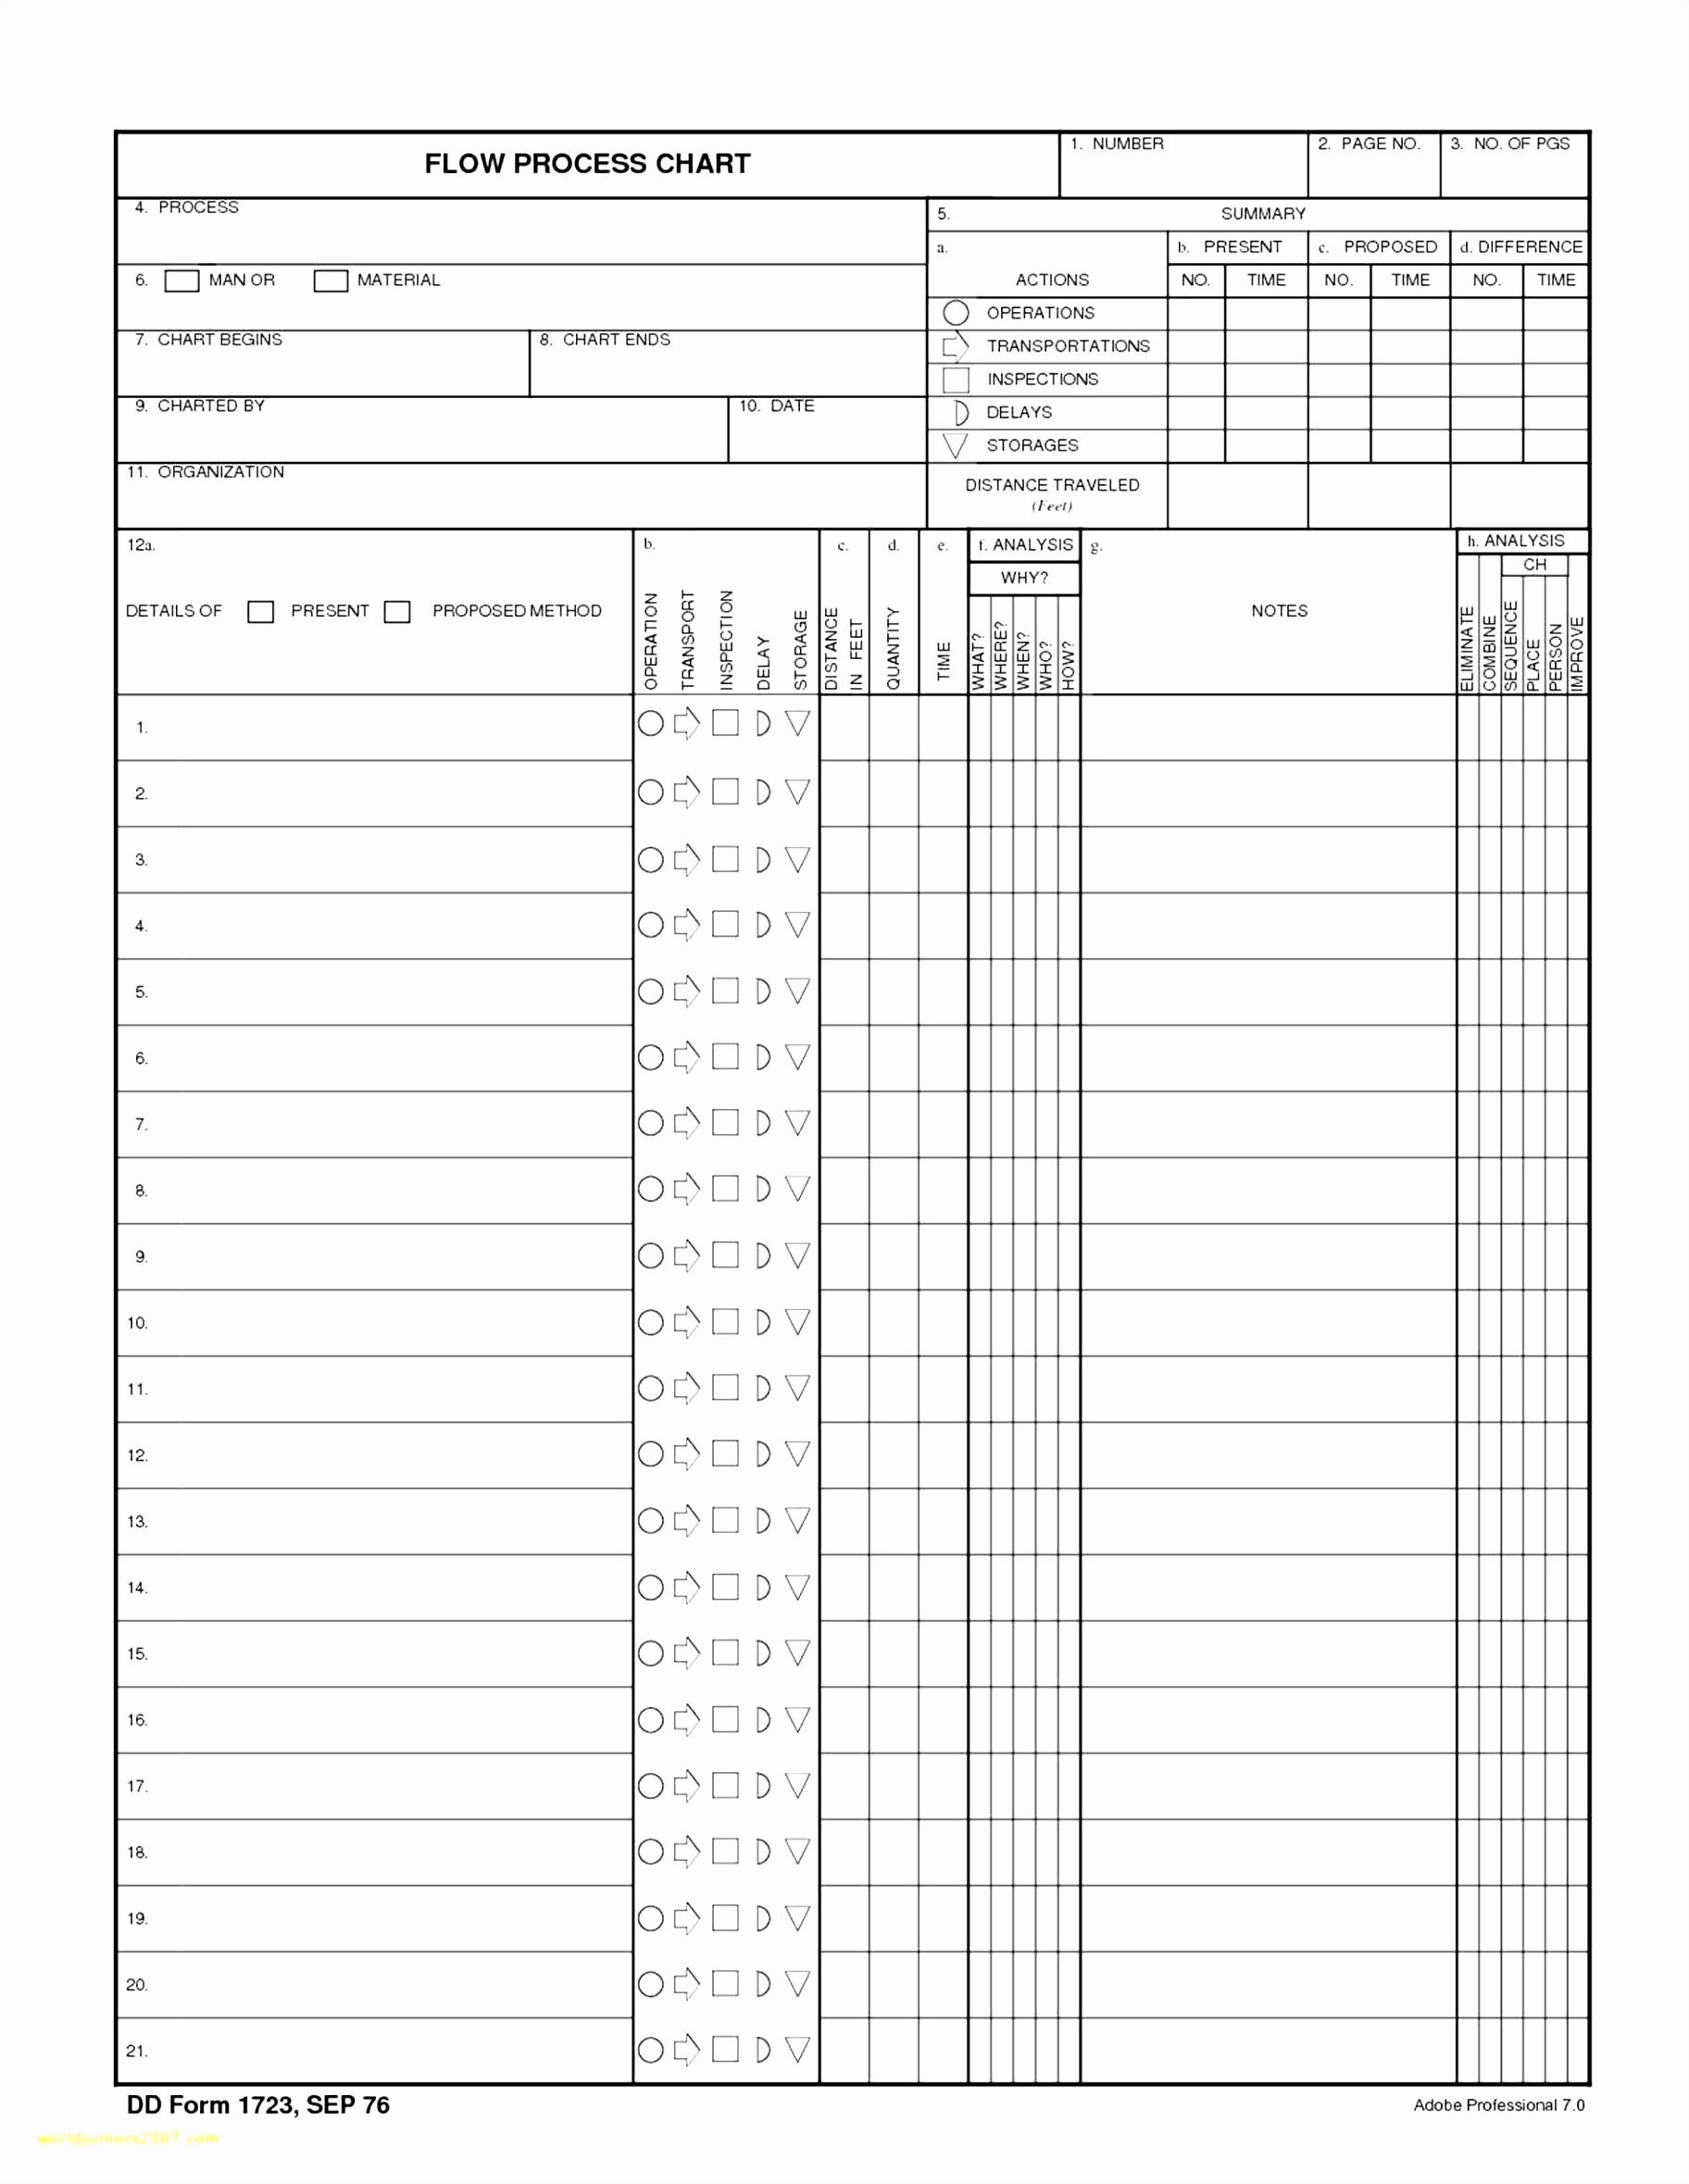 Netzplan Vorlage Reisekosten Excel Q7ur02o5h3 E5ut54nofs